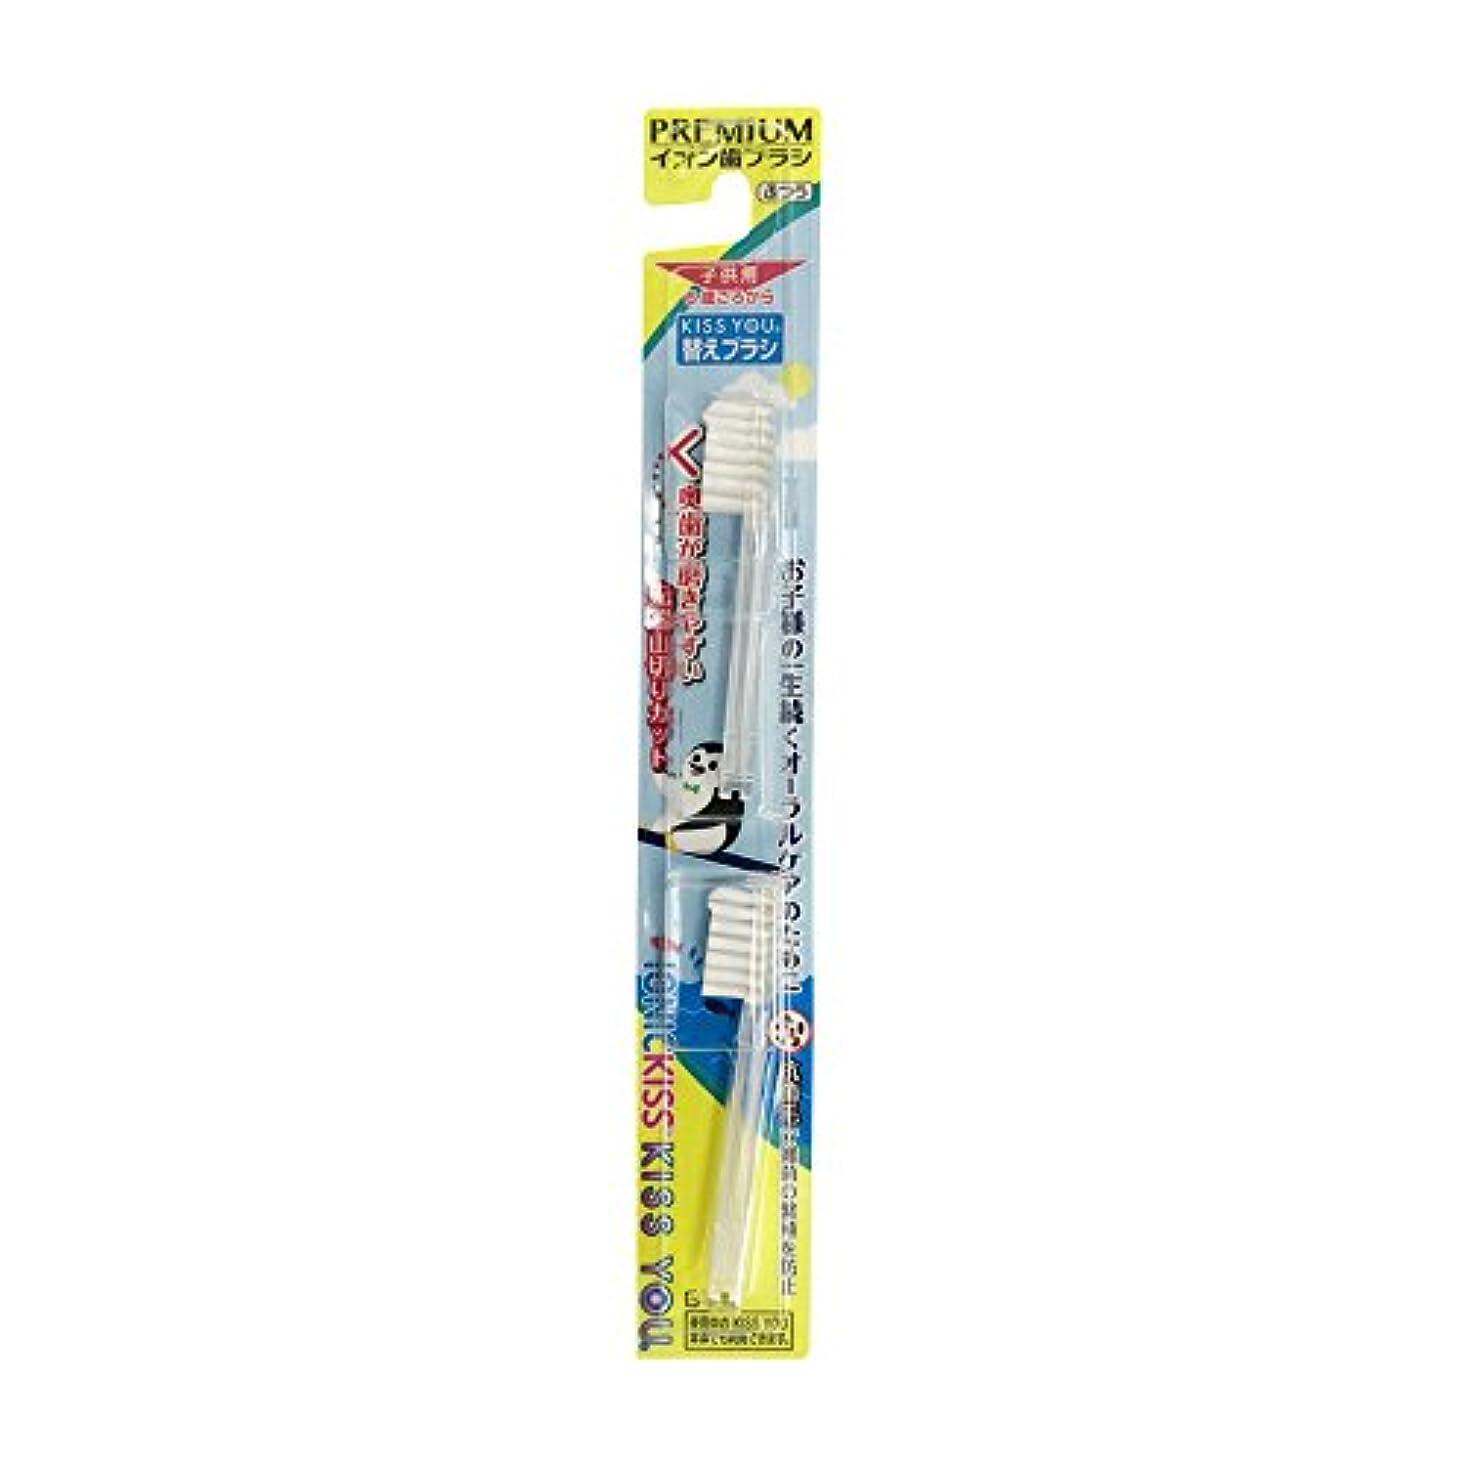 カップルと組むバングスマート キスユー 子供歯ブラシ 替えブラシ 2P (2本)